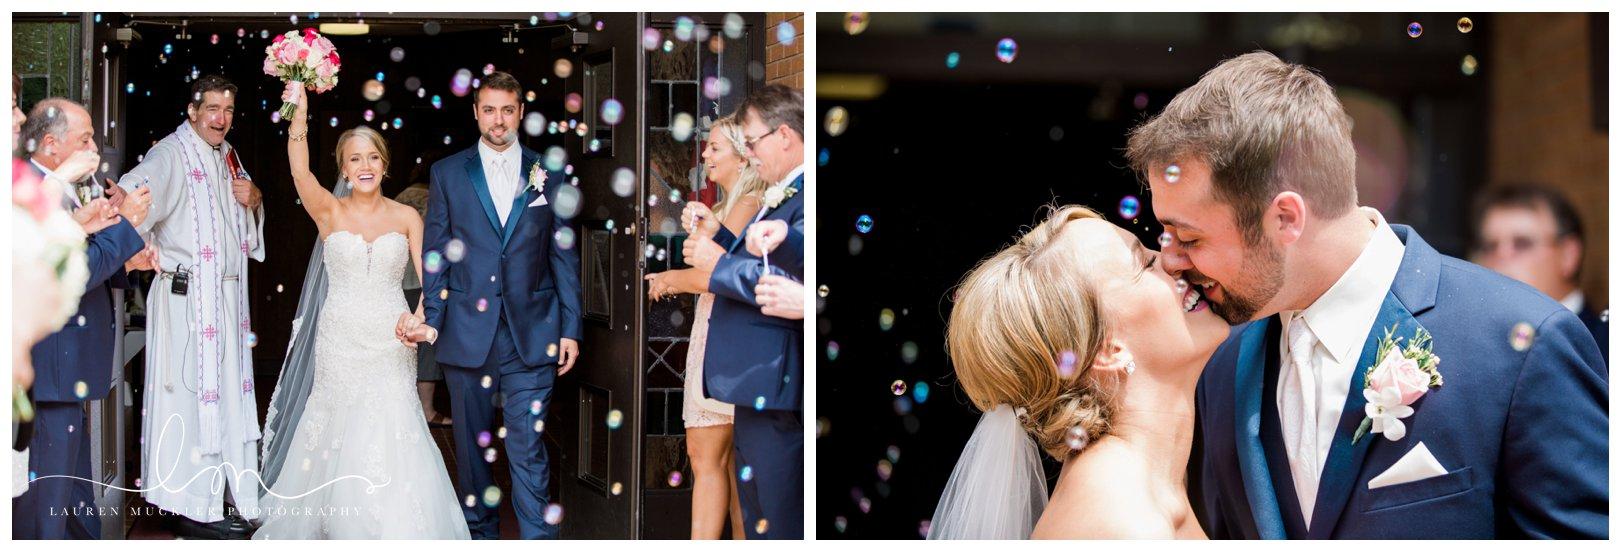 lauren muckler photography_fine art film wedding photography_st louis_photography_0392.jpg